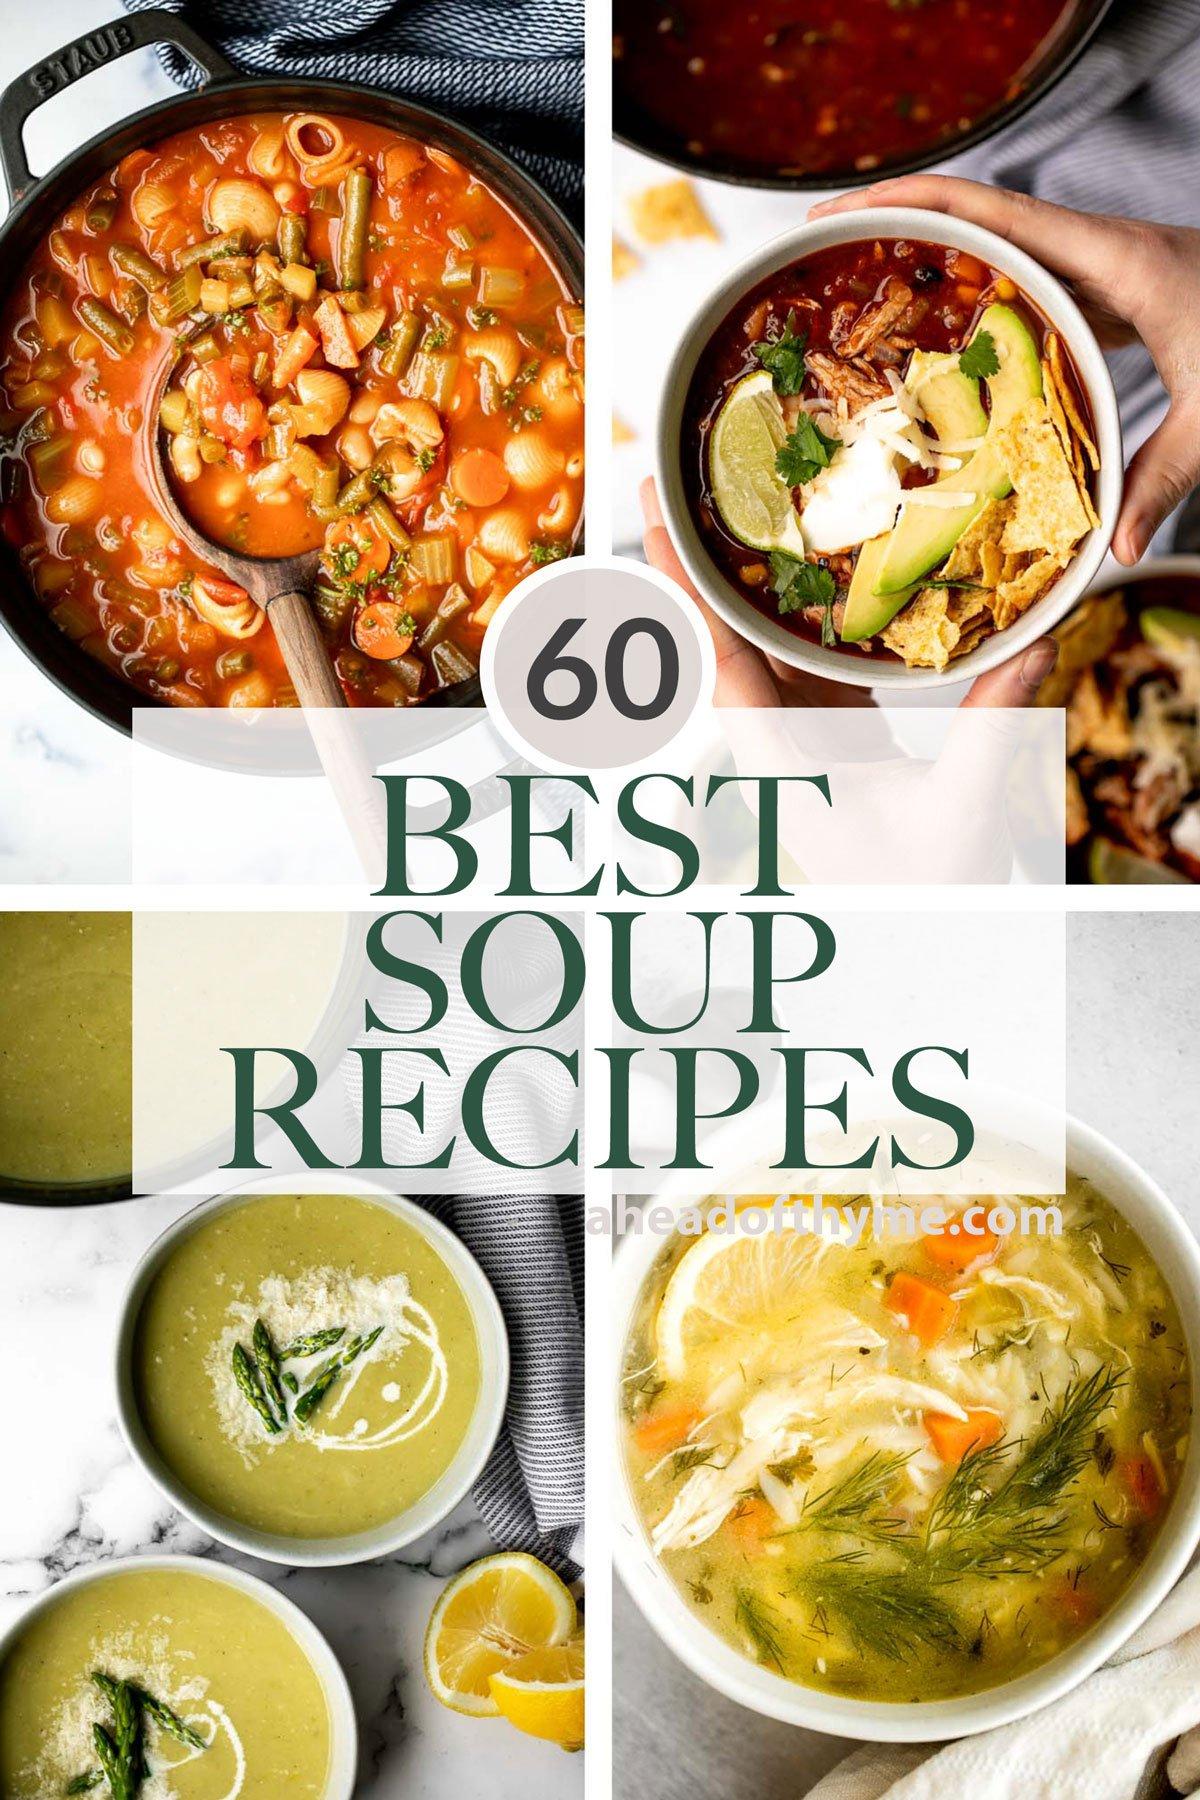 60 Best Soup Recipes